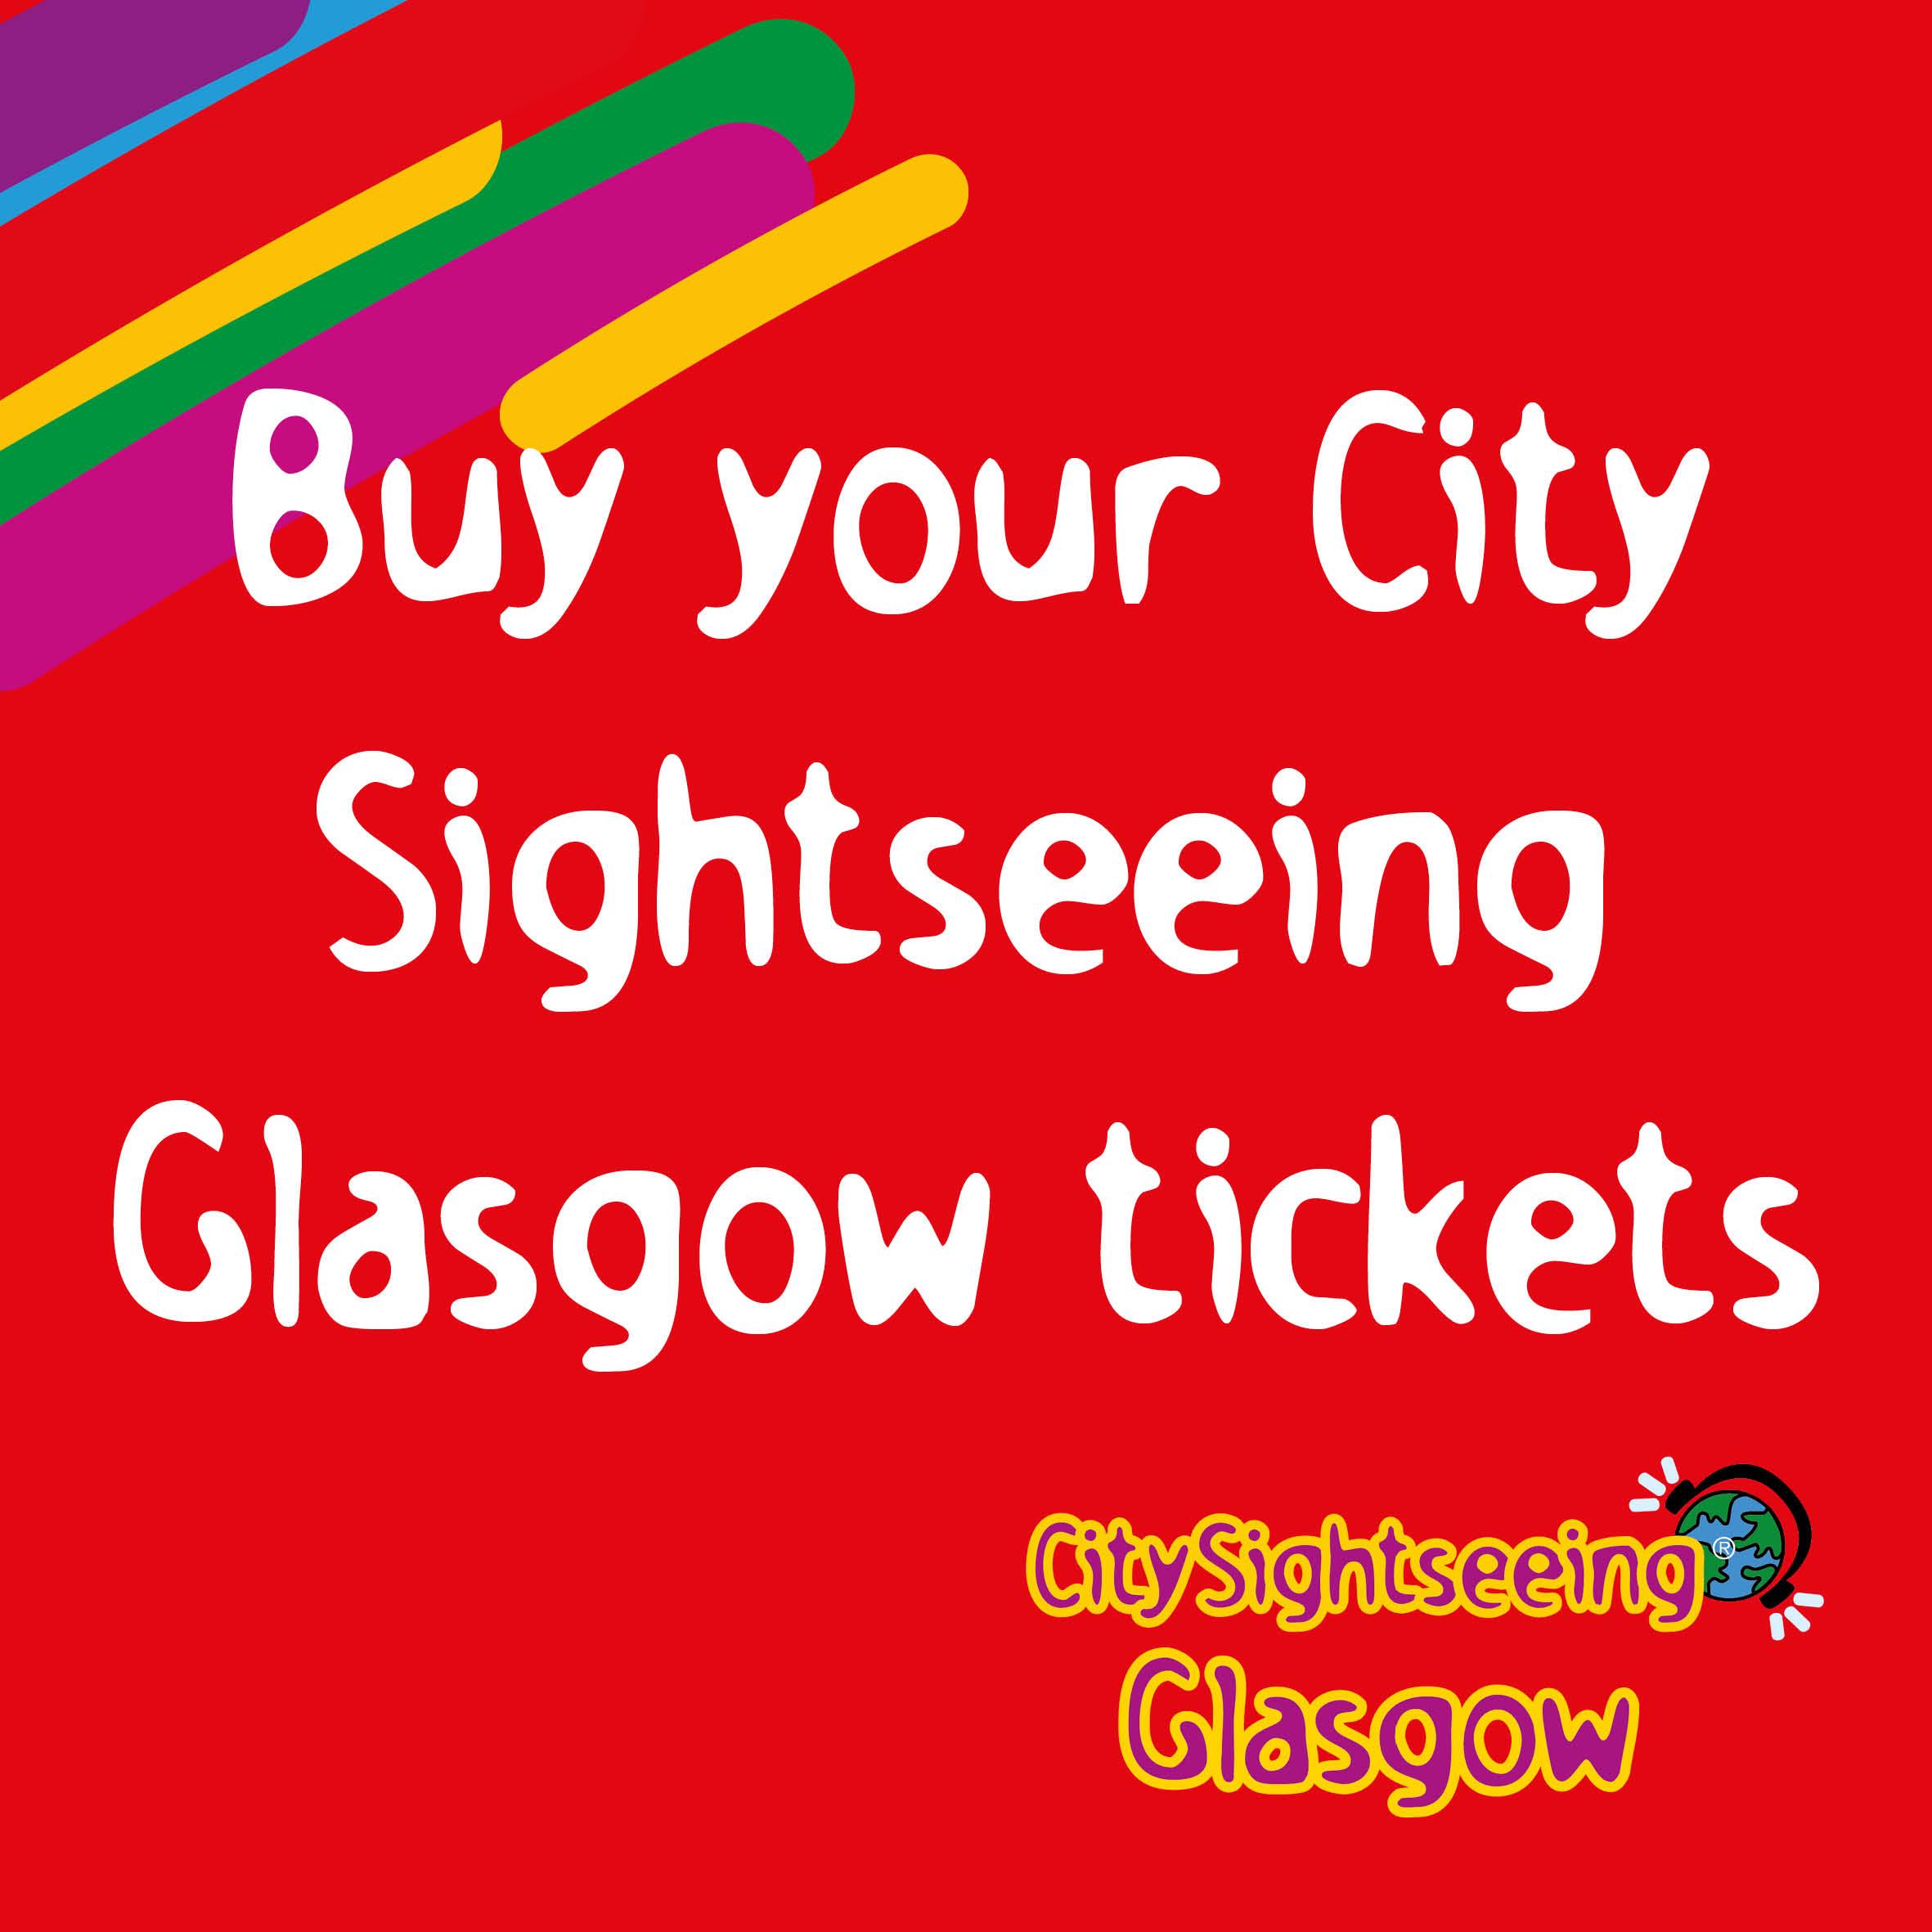 City Sightseeing Glasgow image for Mharsanta.jpg